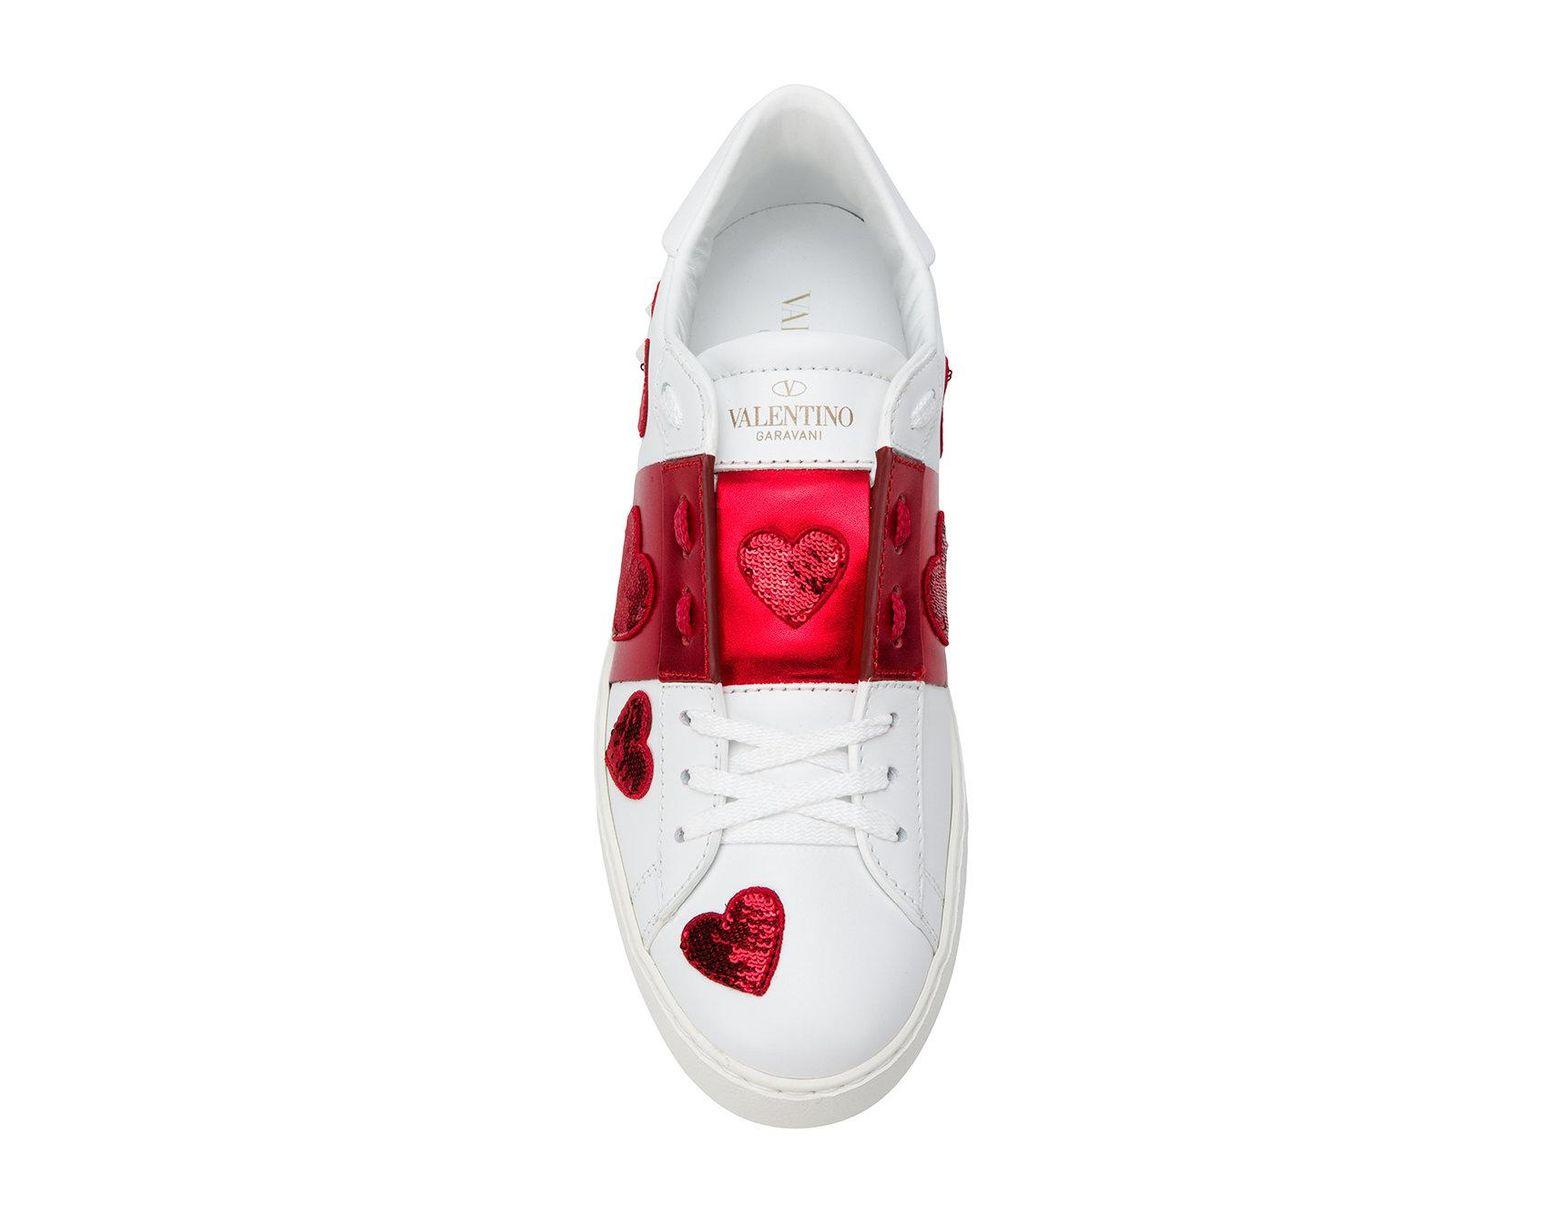 5e6cab978aee7 Valentino Garavani Heart Sneakers in White - Lyst